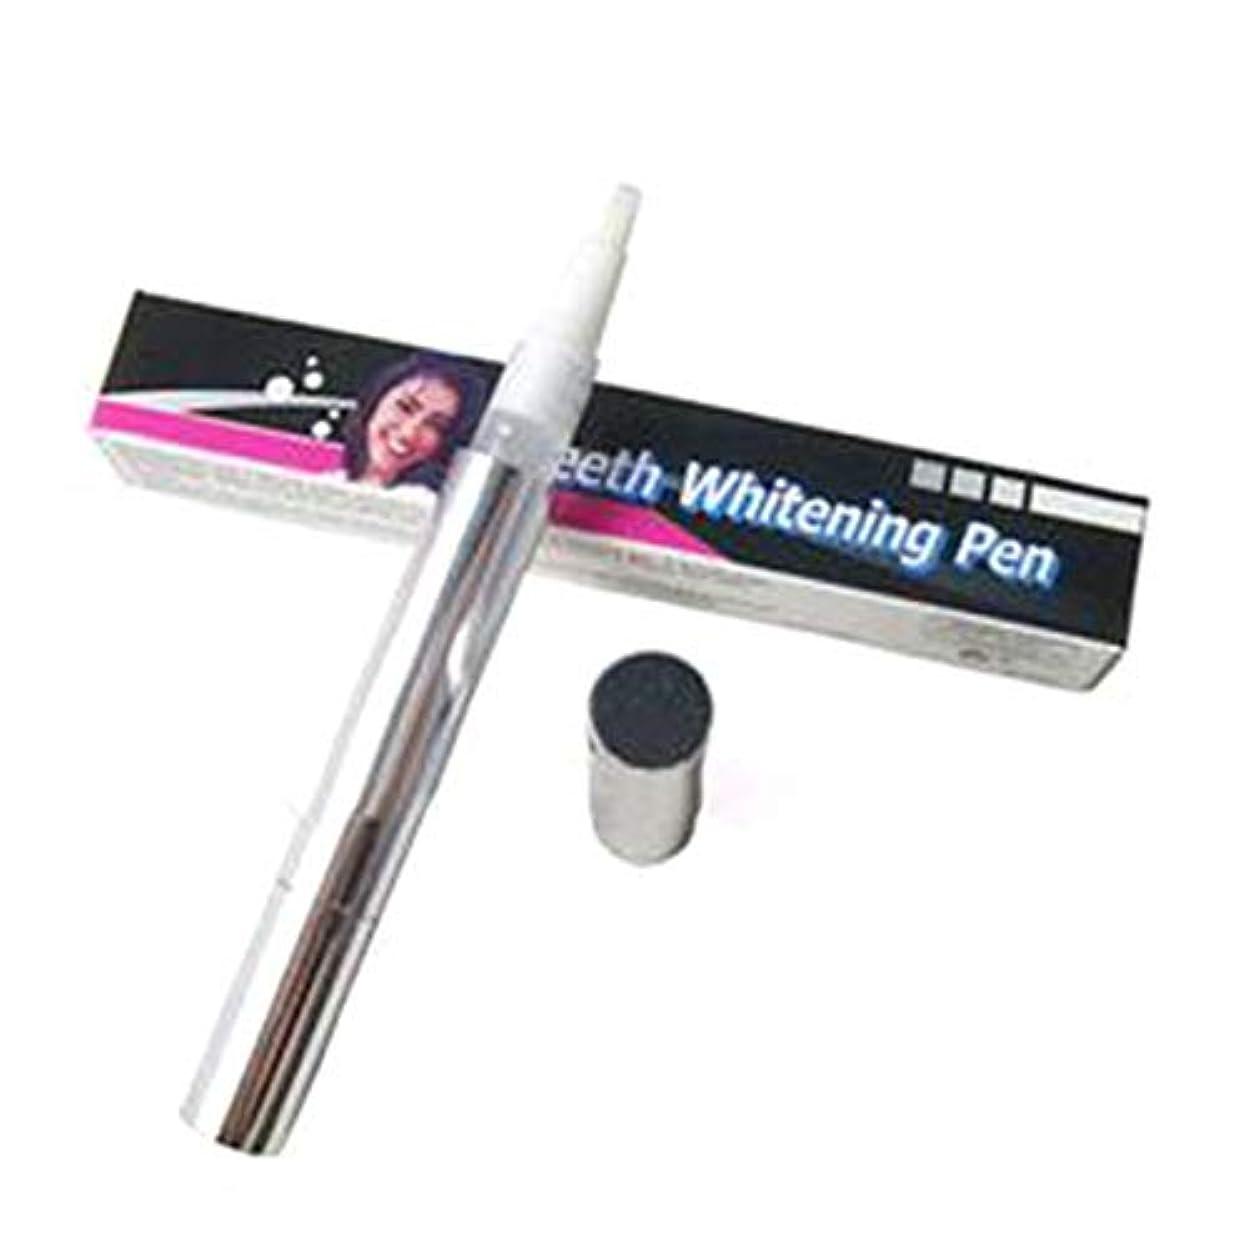 ベルベット日曜日家具ペンホワイトニングペン強力な汚れ消しゴム除去速い漂白歯ジェルホワイトナー歯科口腔衛生用品 - シルバー